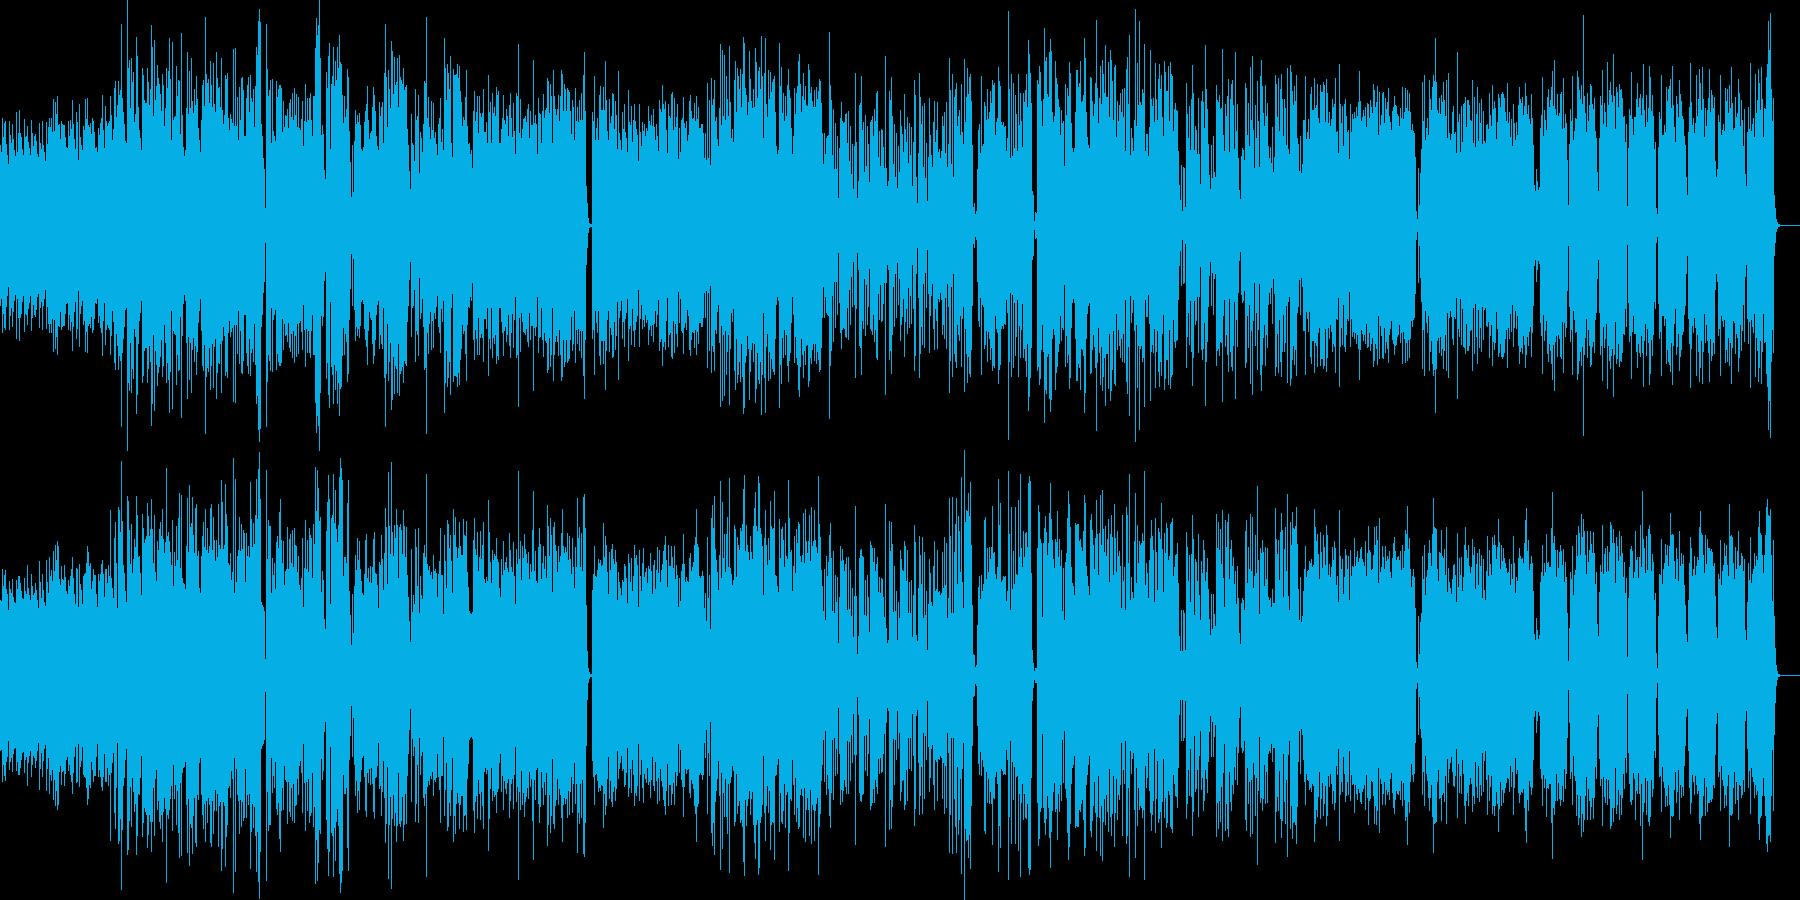 躍動感 おしゃれジャズ 二次会 バンド風の再生済みの波形